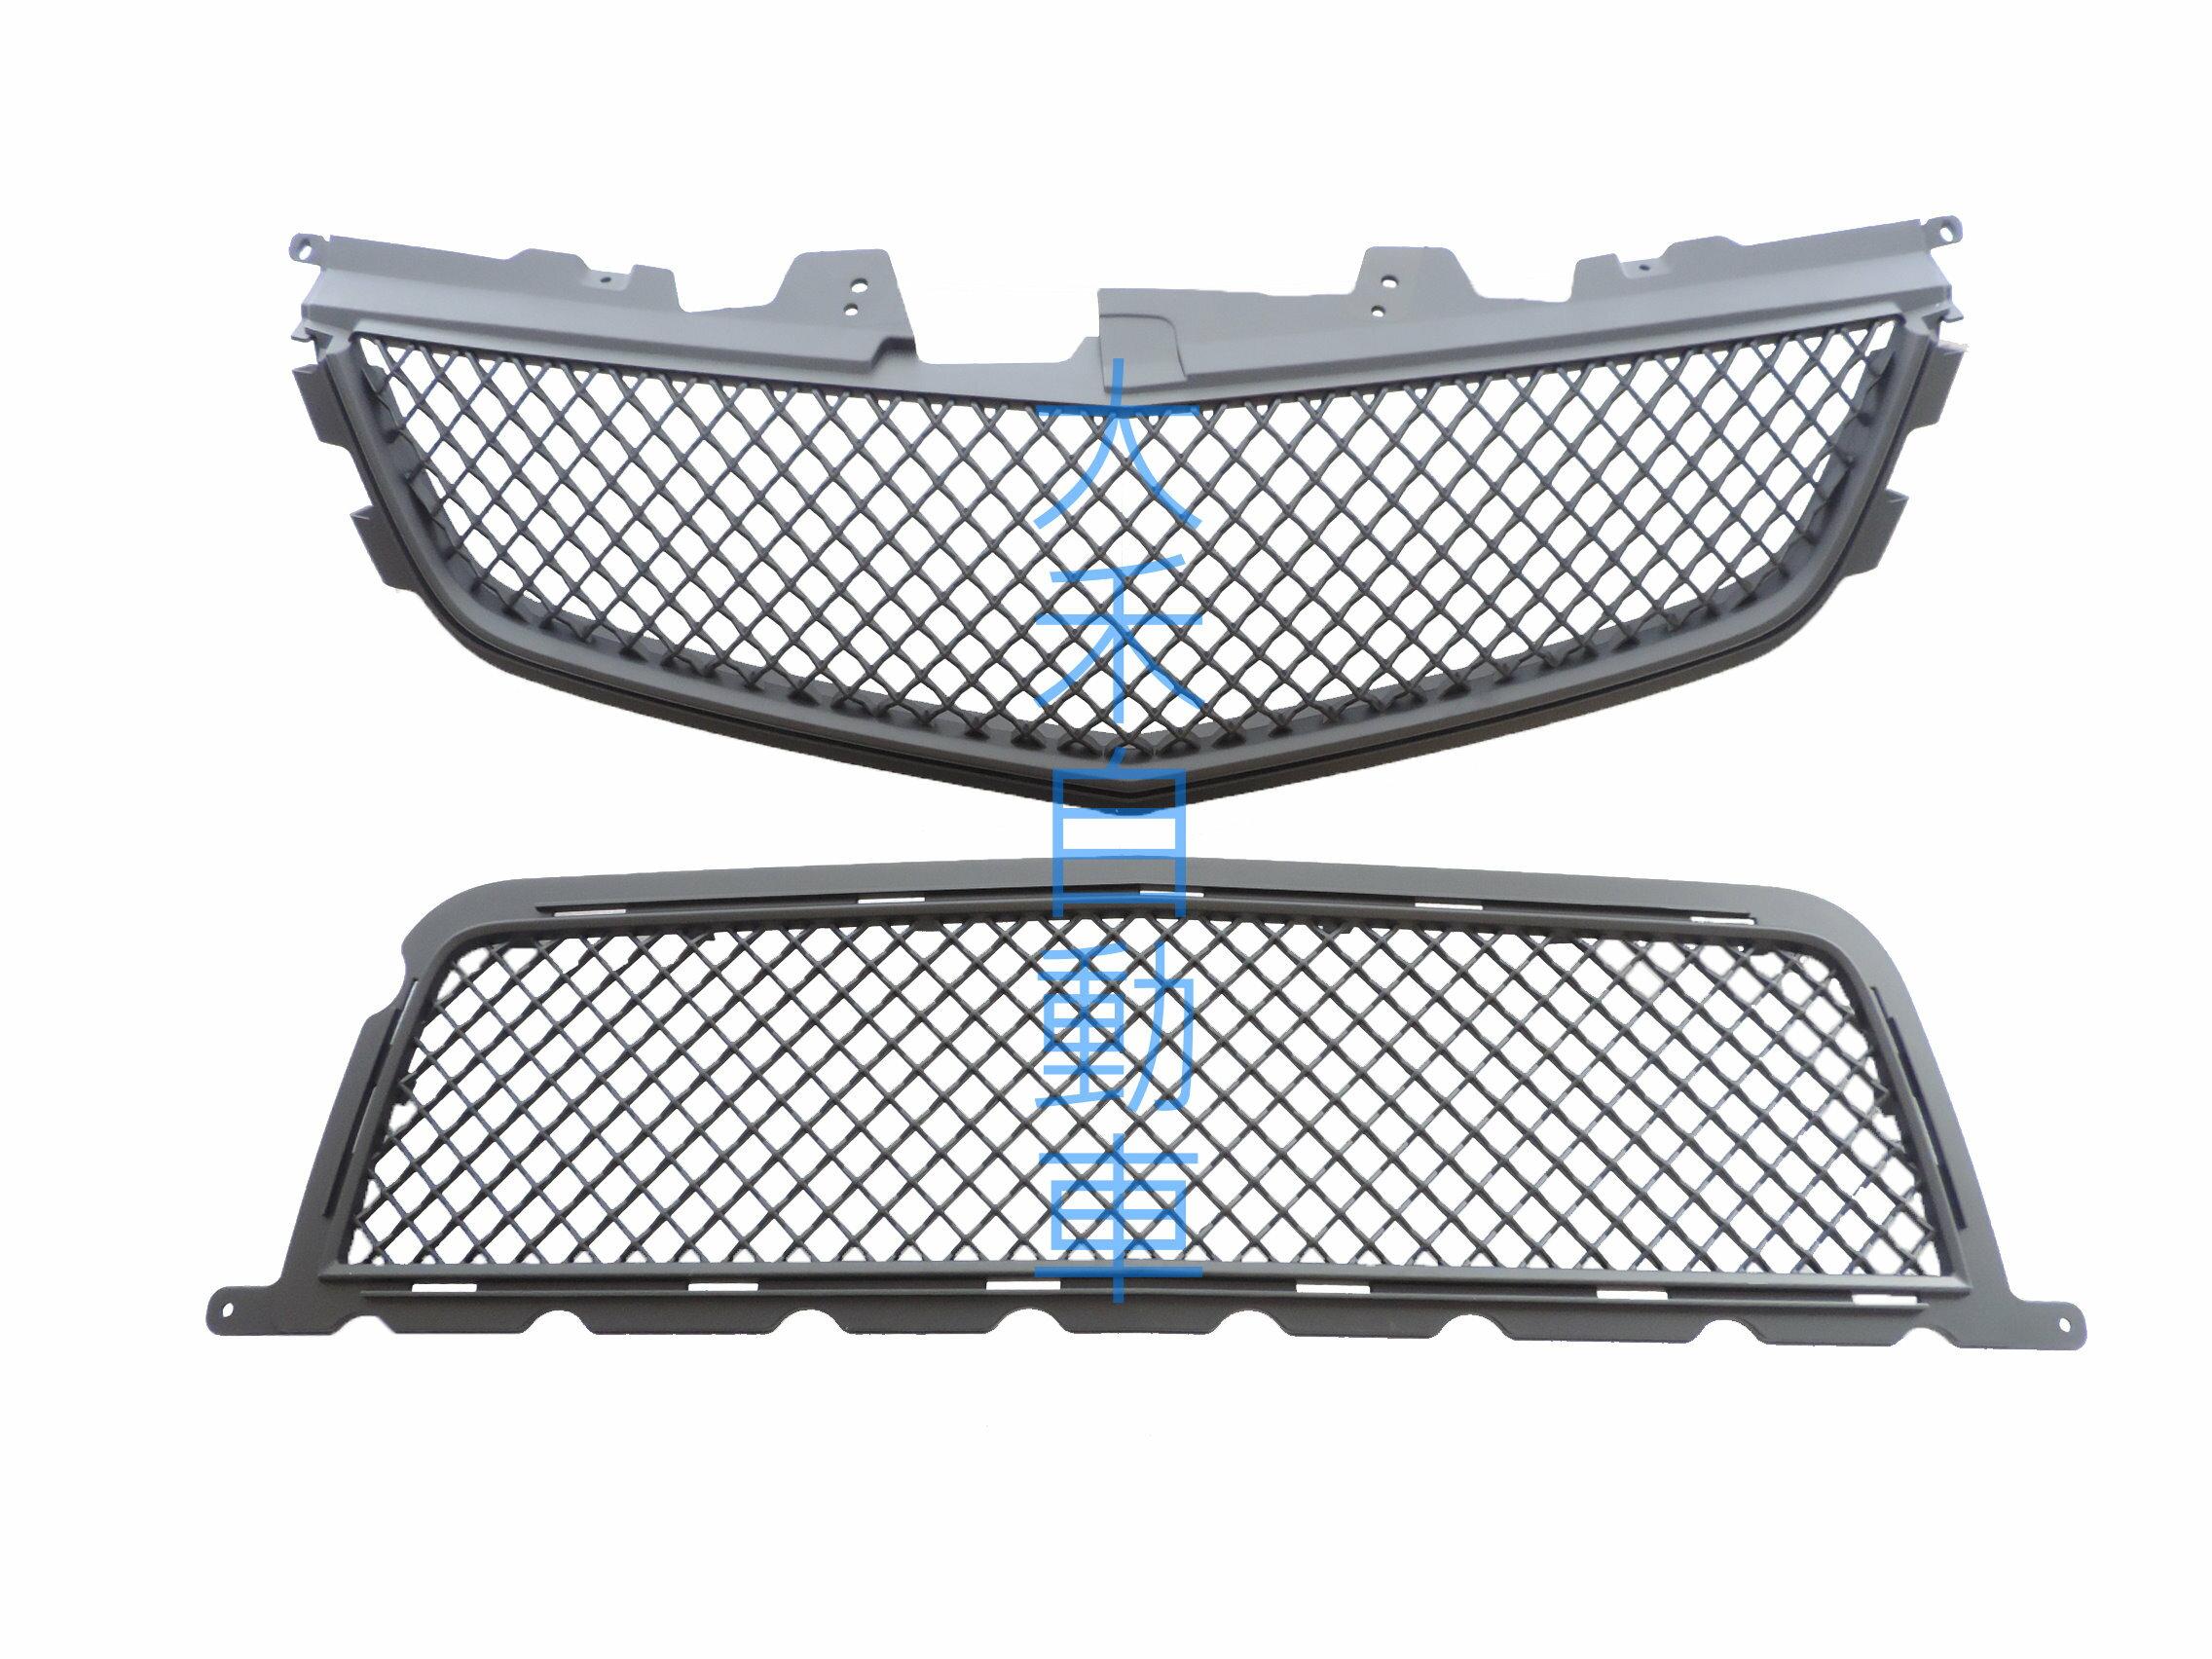 大禾自動車 消光黑 水箱罩 通風網 適用 CADILLAC 凱迪拉克 CTS-V 08-14